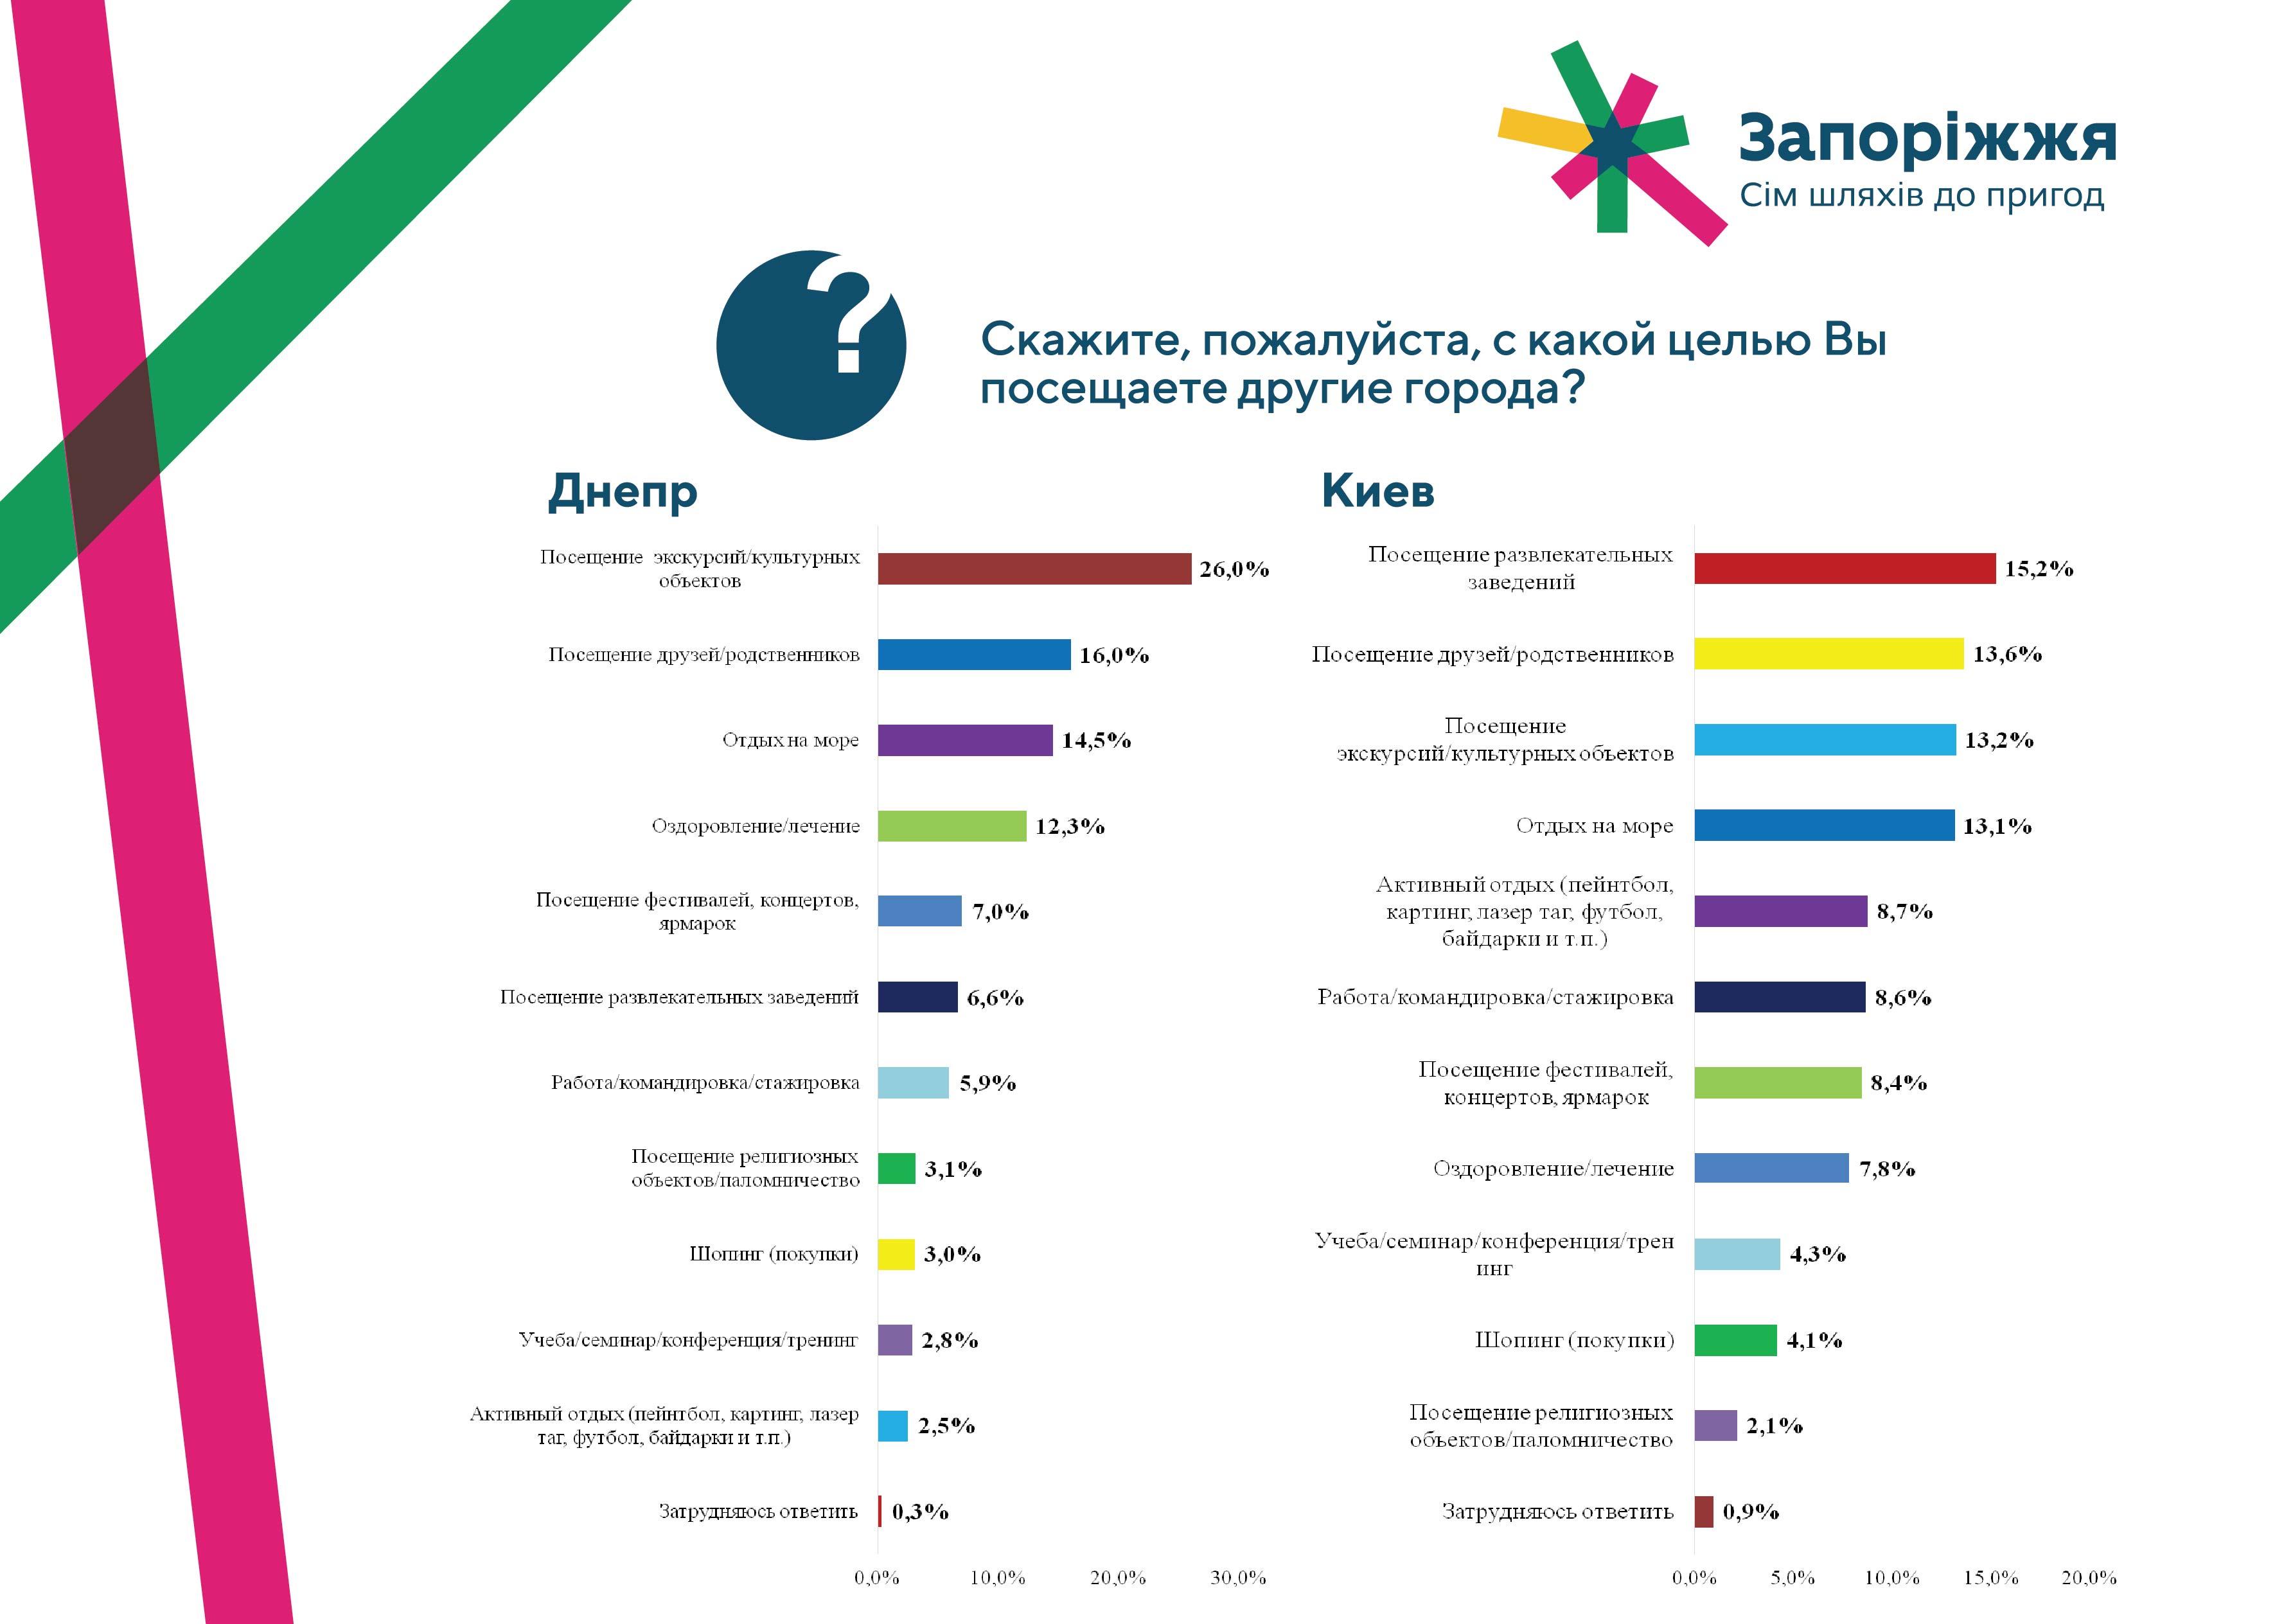 презентация-днепр-киев-03.jpg